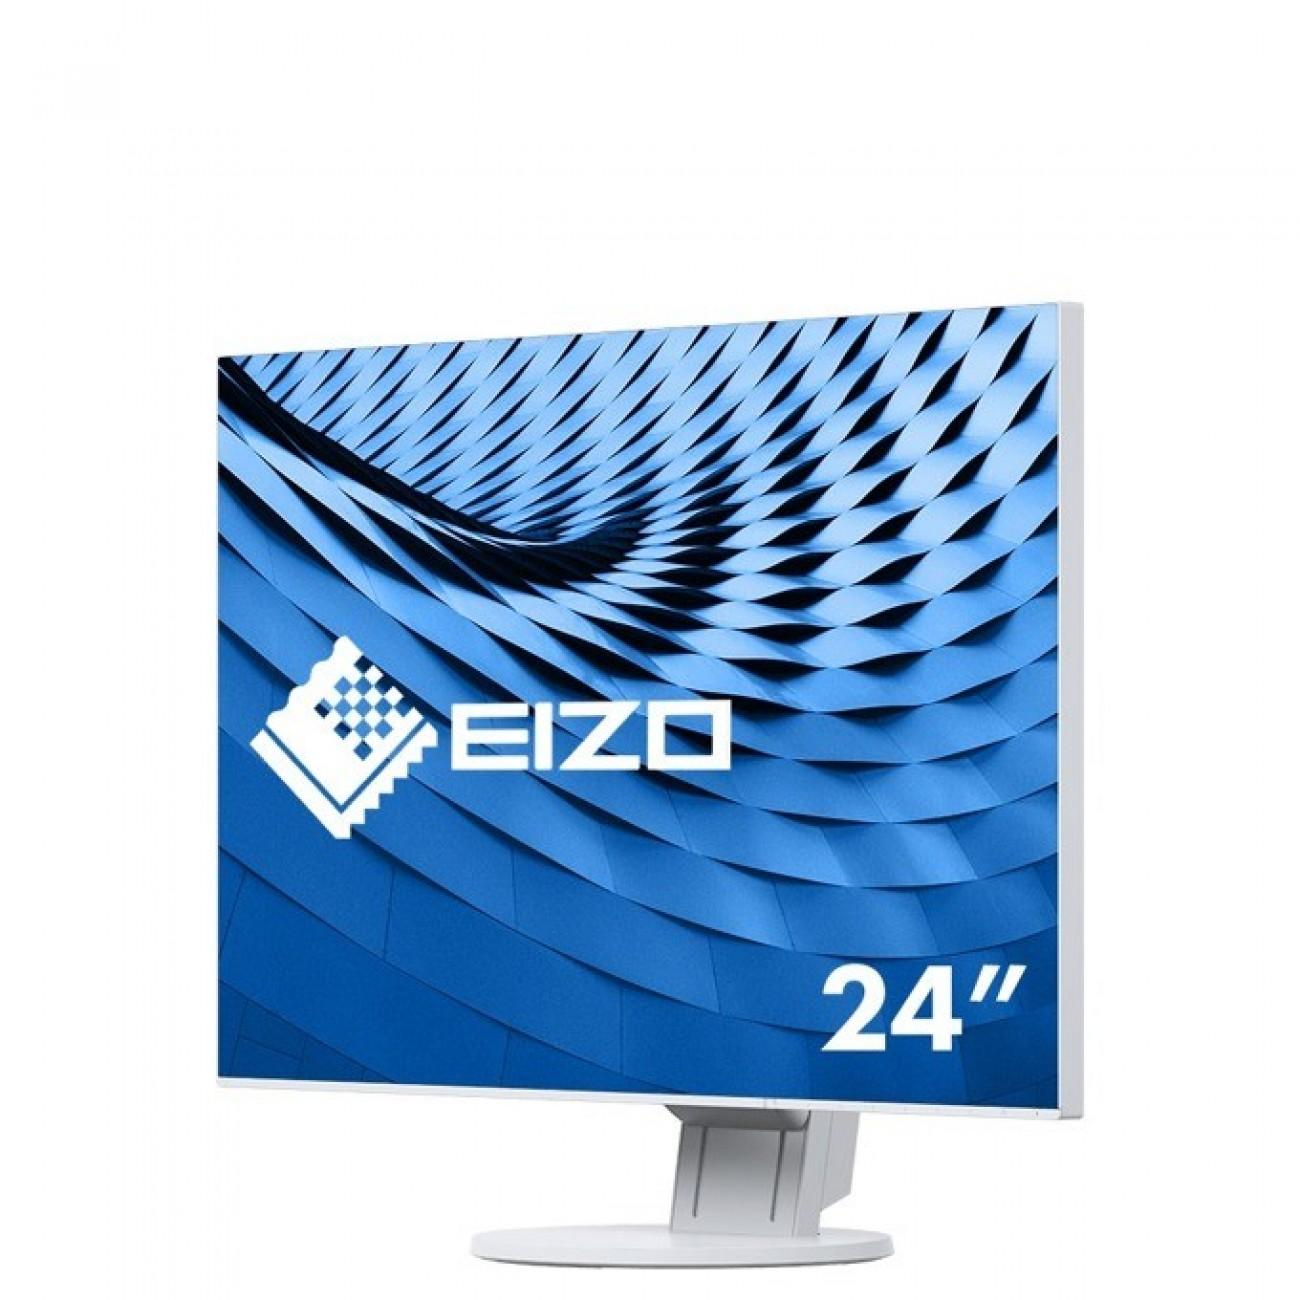 Монитор EIZO EV2456-WT, 24.1(61.21 см) IPS панел, WUXGA, 5ms, 250 cd/m2, HDMI, DP, DVI, VGA в Монитори -  | Alleop